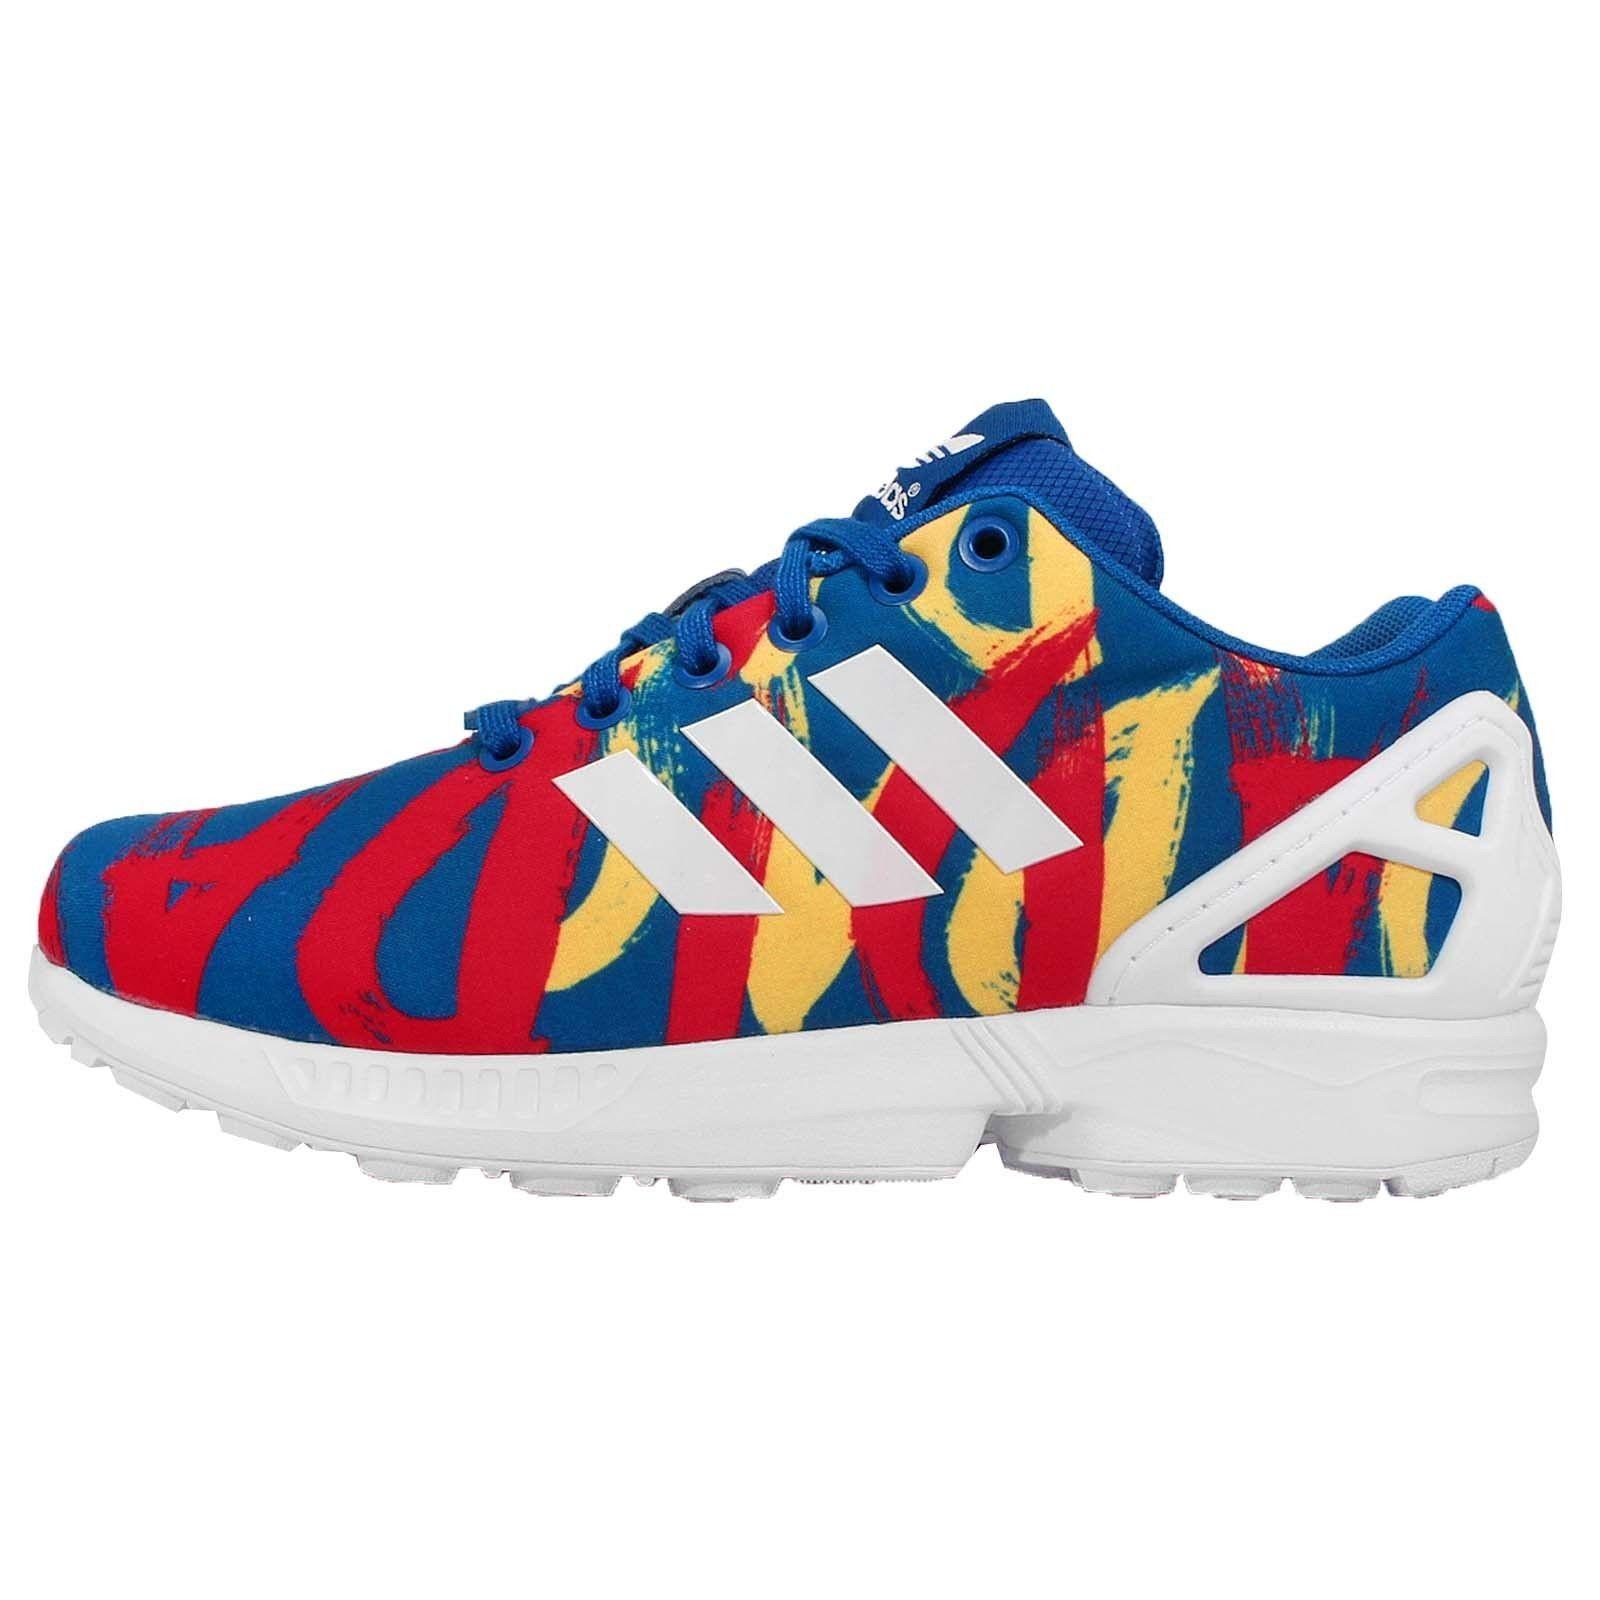 Adidas Originals ZX Flux rojo azul Amarillo Sneakers mujer Corriendo  Zapatos\u2026